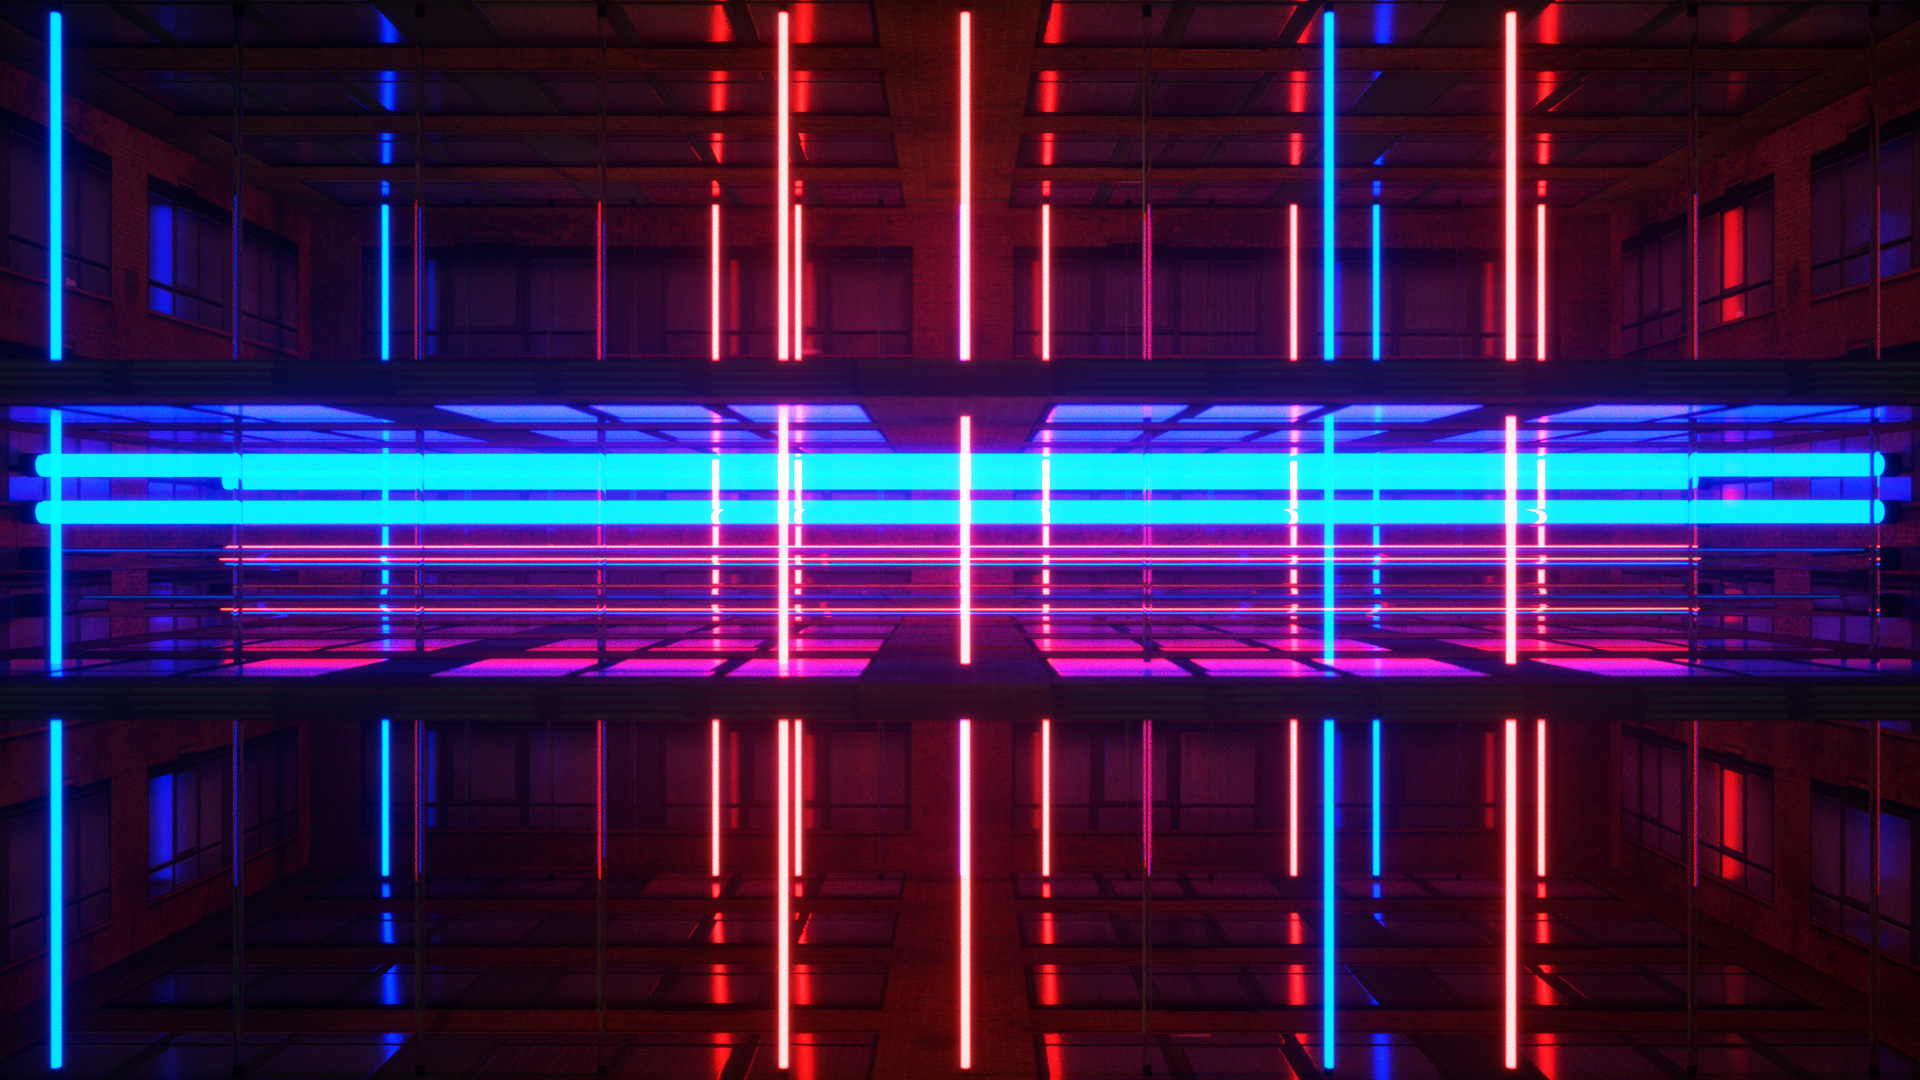 Neon Rooms Pack / 20 VJ Loops / Ghosteam